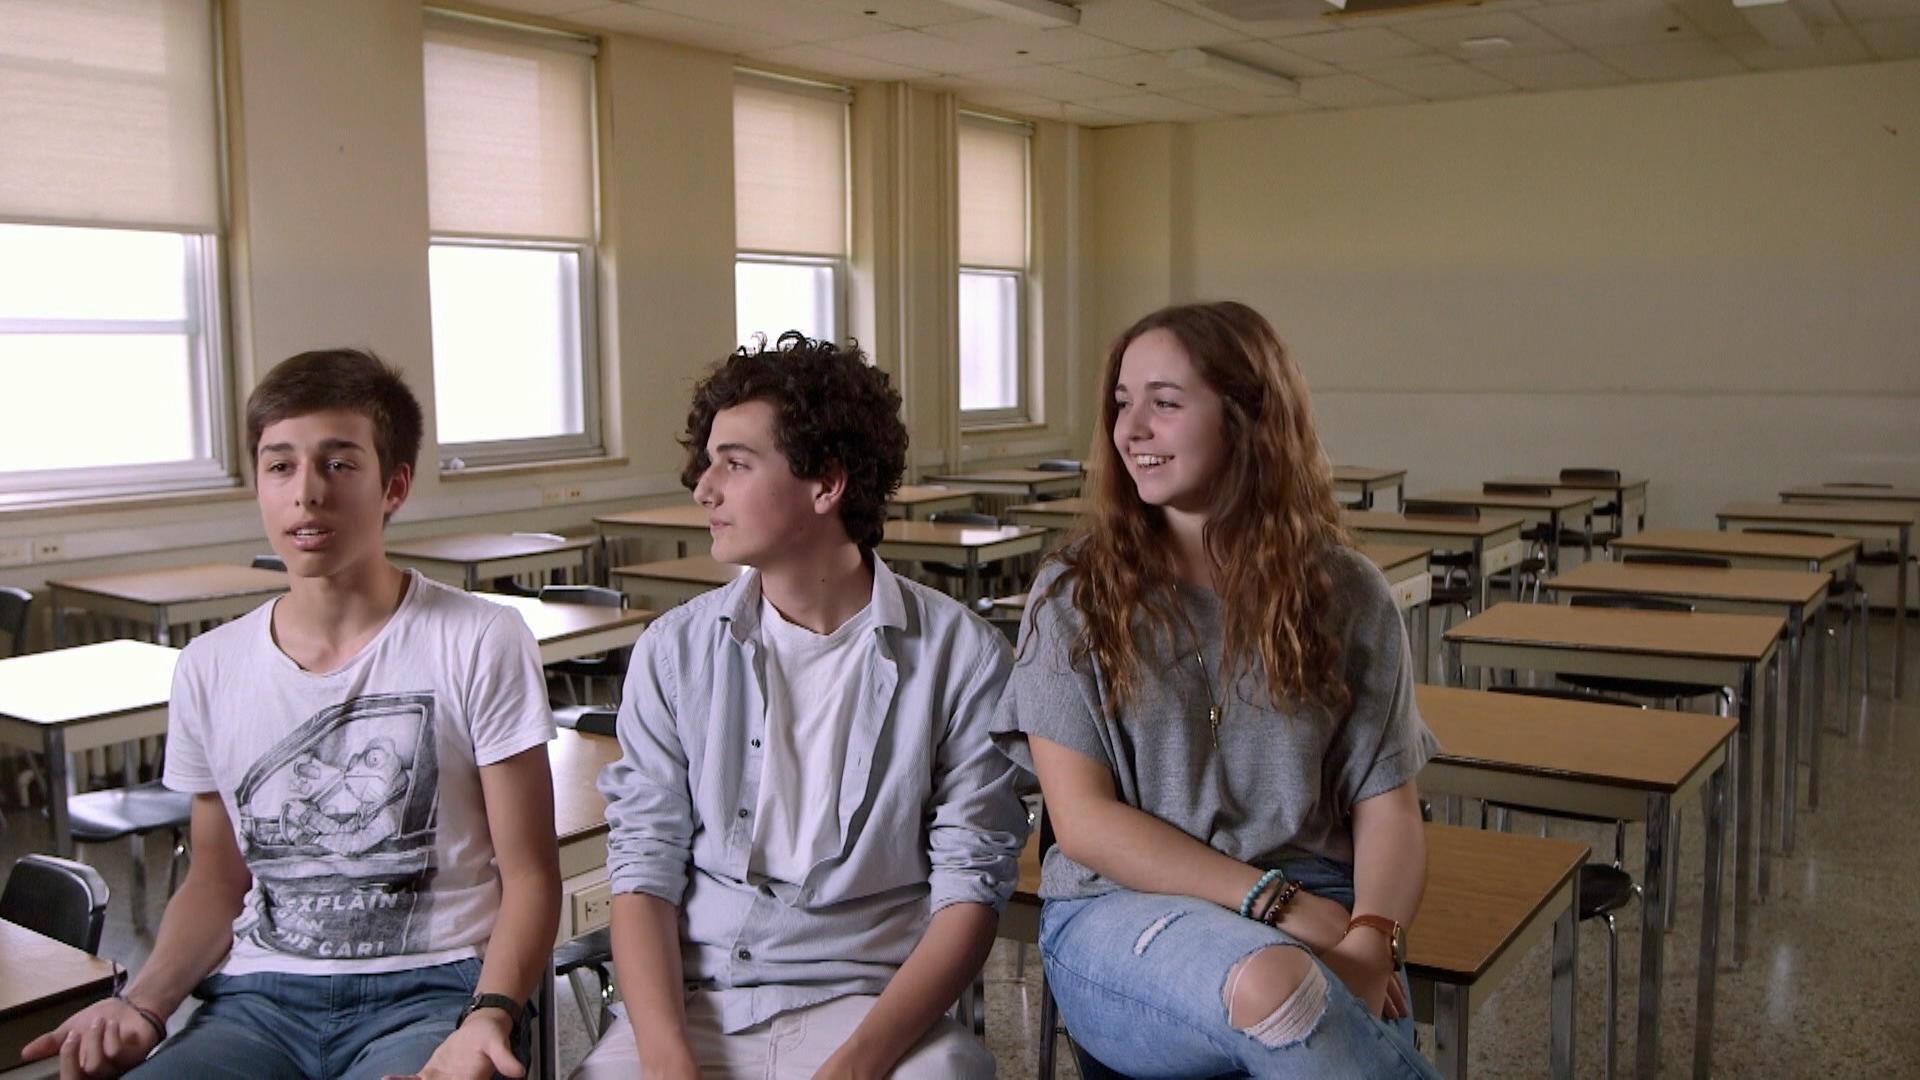 l'éducation sexuelle pour les adolescents vidéo Homemade Teen photos nues